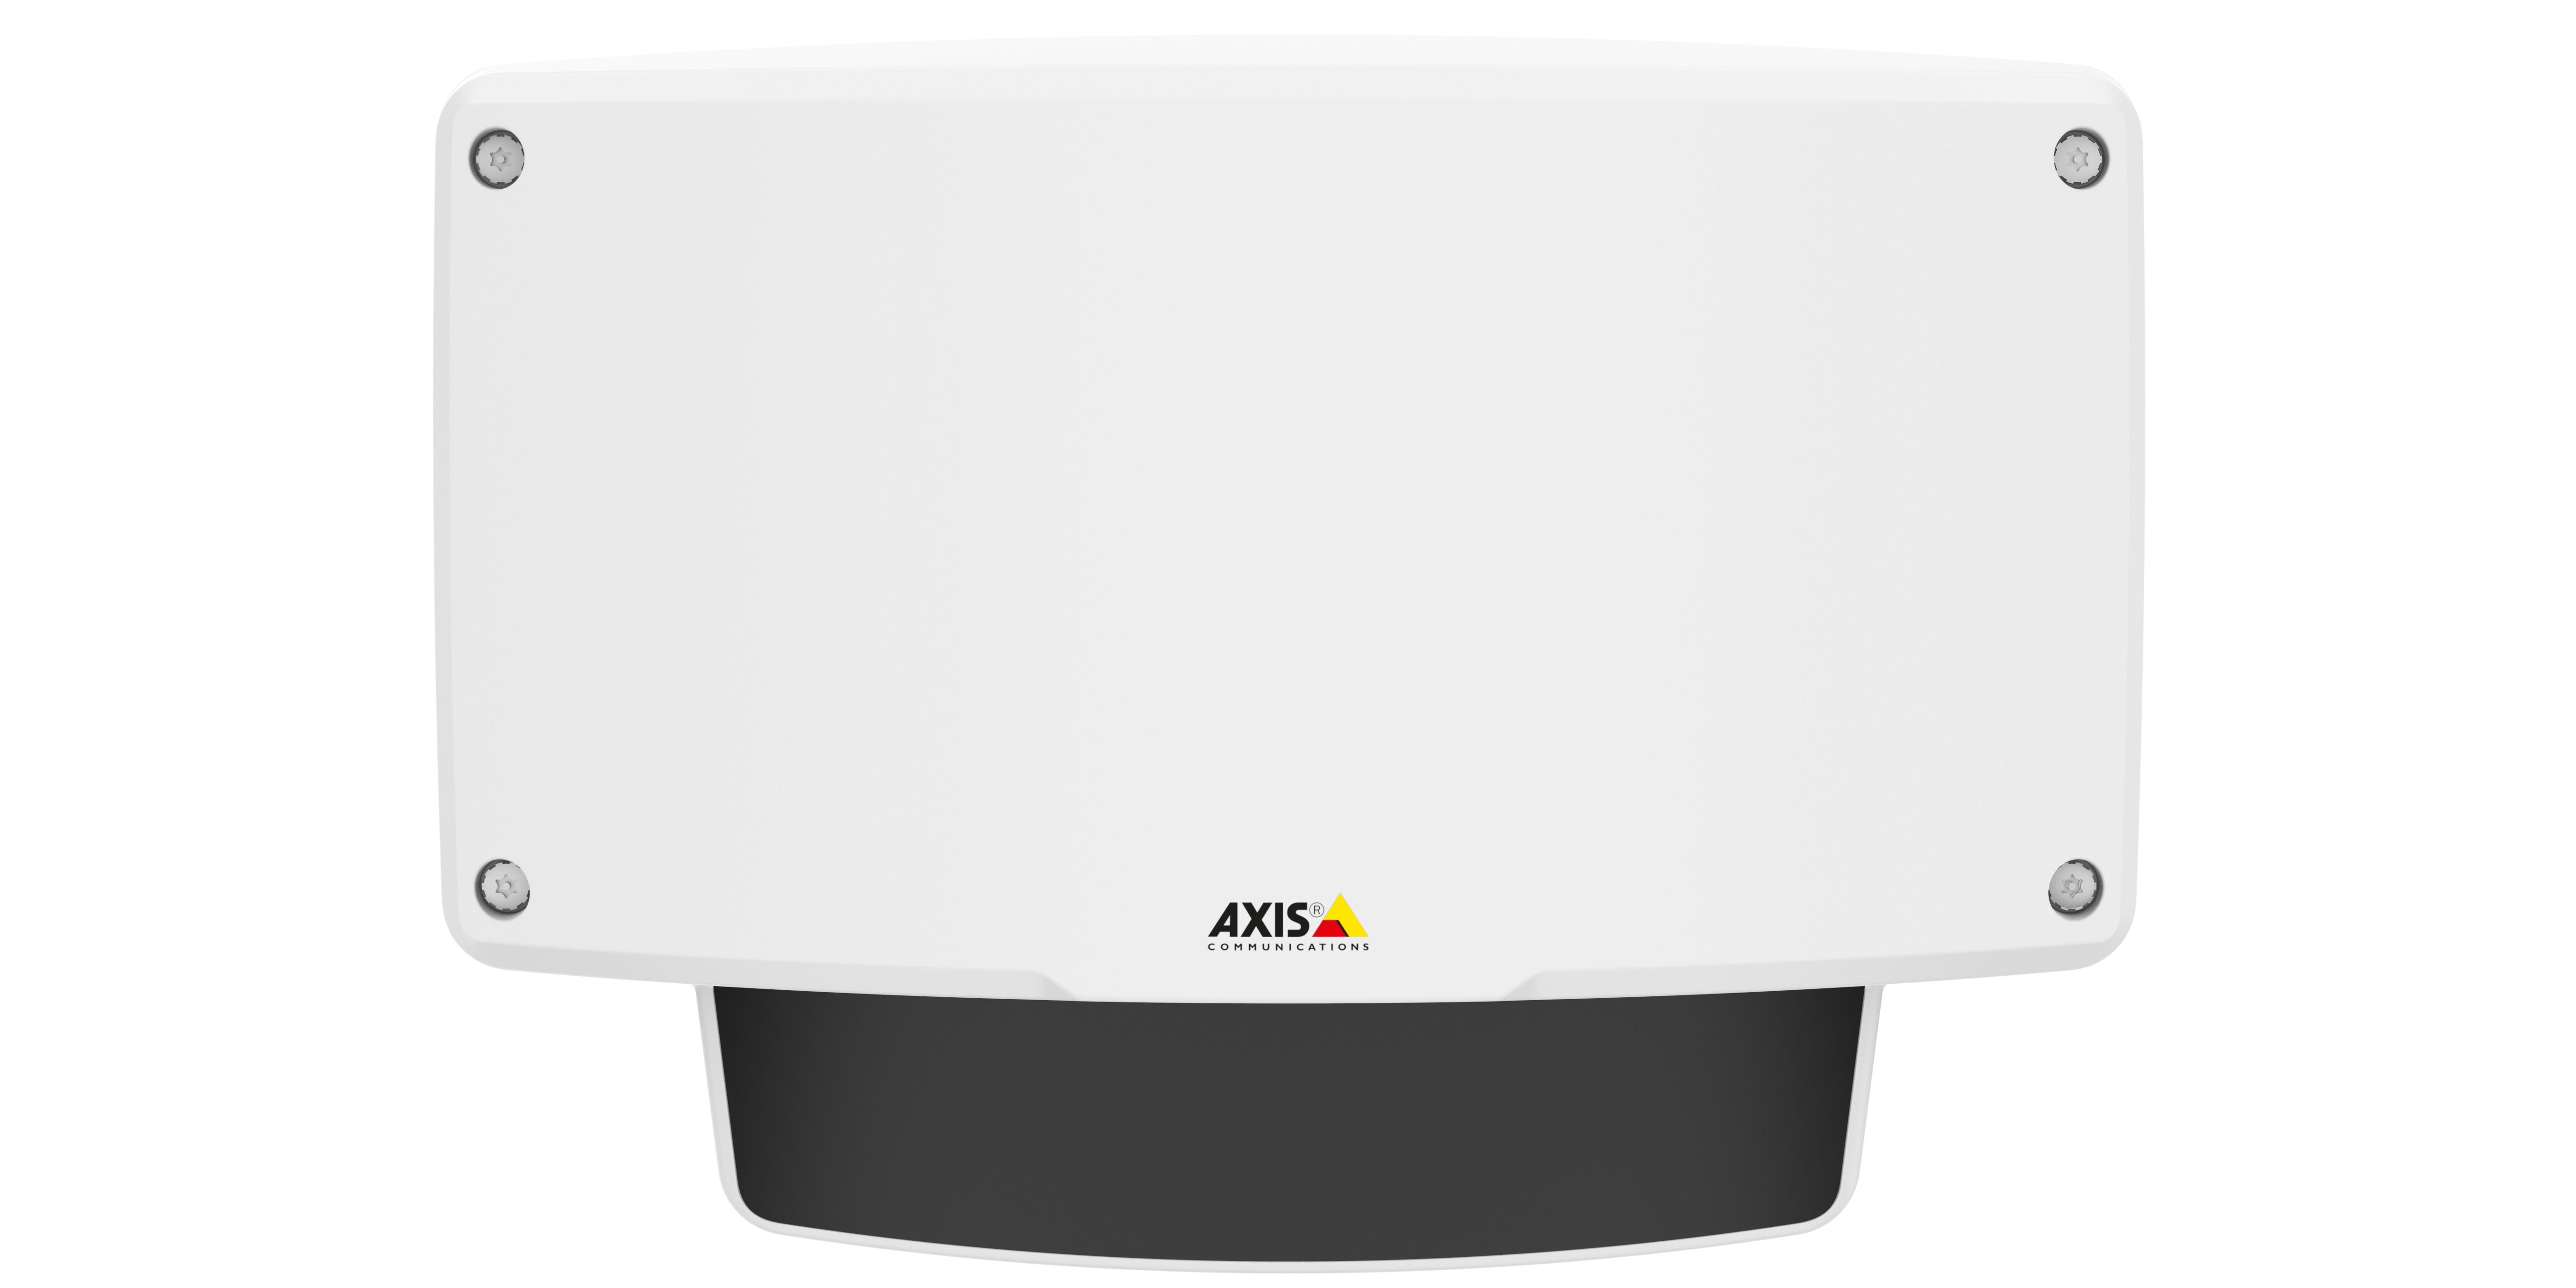 Axis dévoile une nouvelle technologie radar IP pour gagner en précision de détection